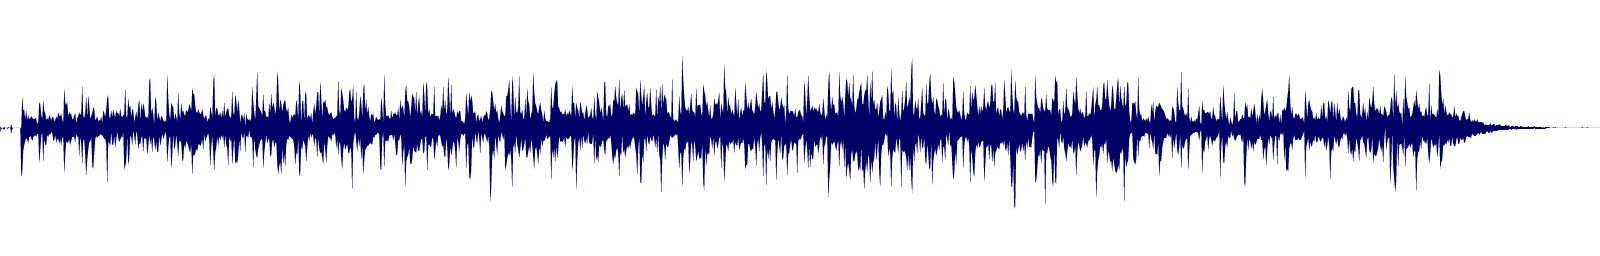 waveform of track #96291